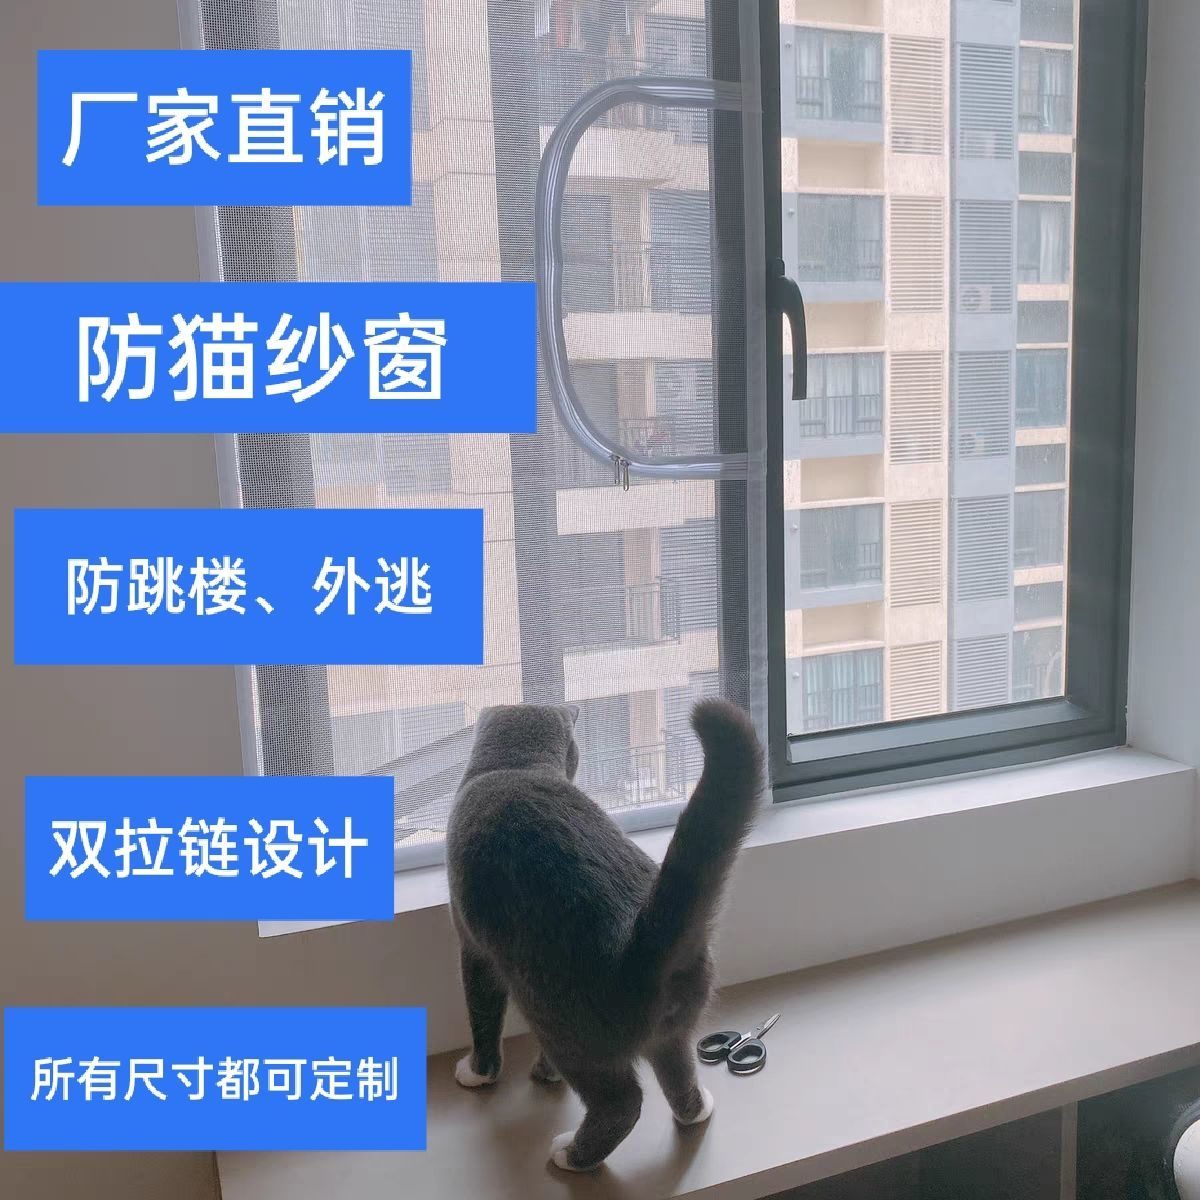 防猫纱窗防猫跳窗跳楼封窗网挡猫隔断家用防蚊防猫网拦猫外出逃跑